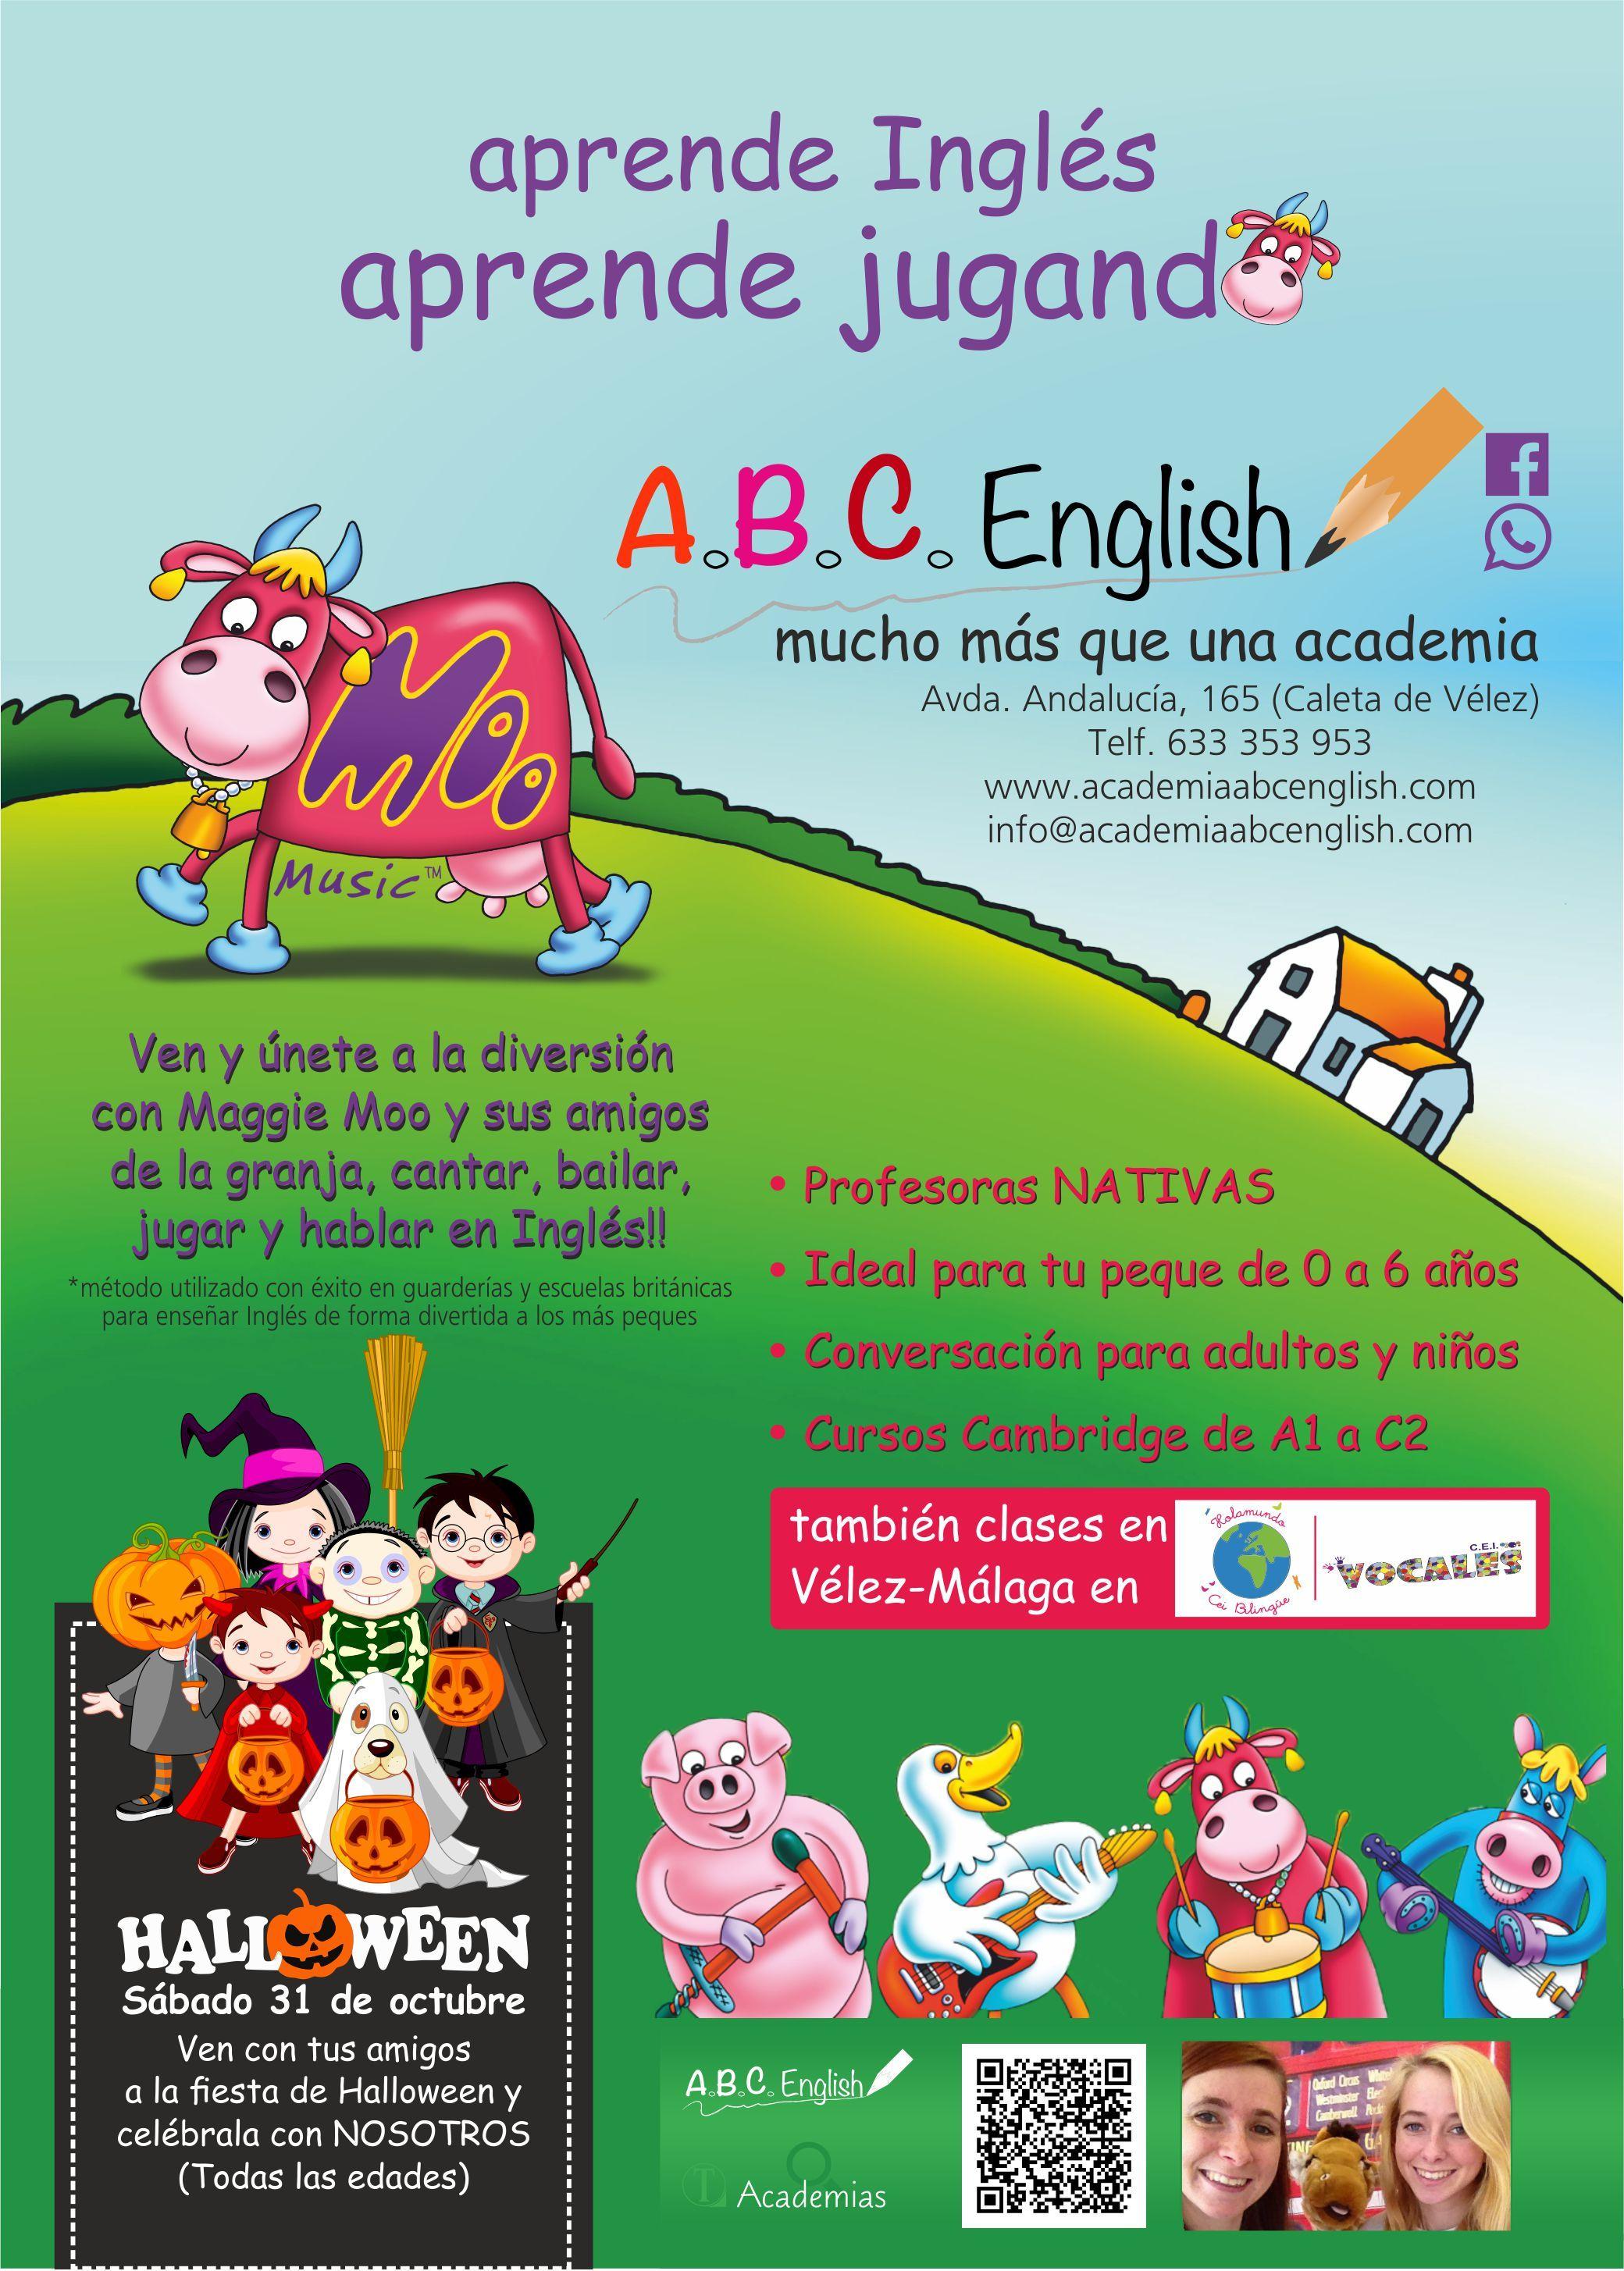 En ABC English aprenderás Inglés, aprenderás jugando. No te pierdas Halloween y celébralo con nosotros